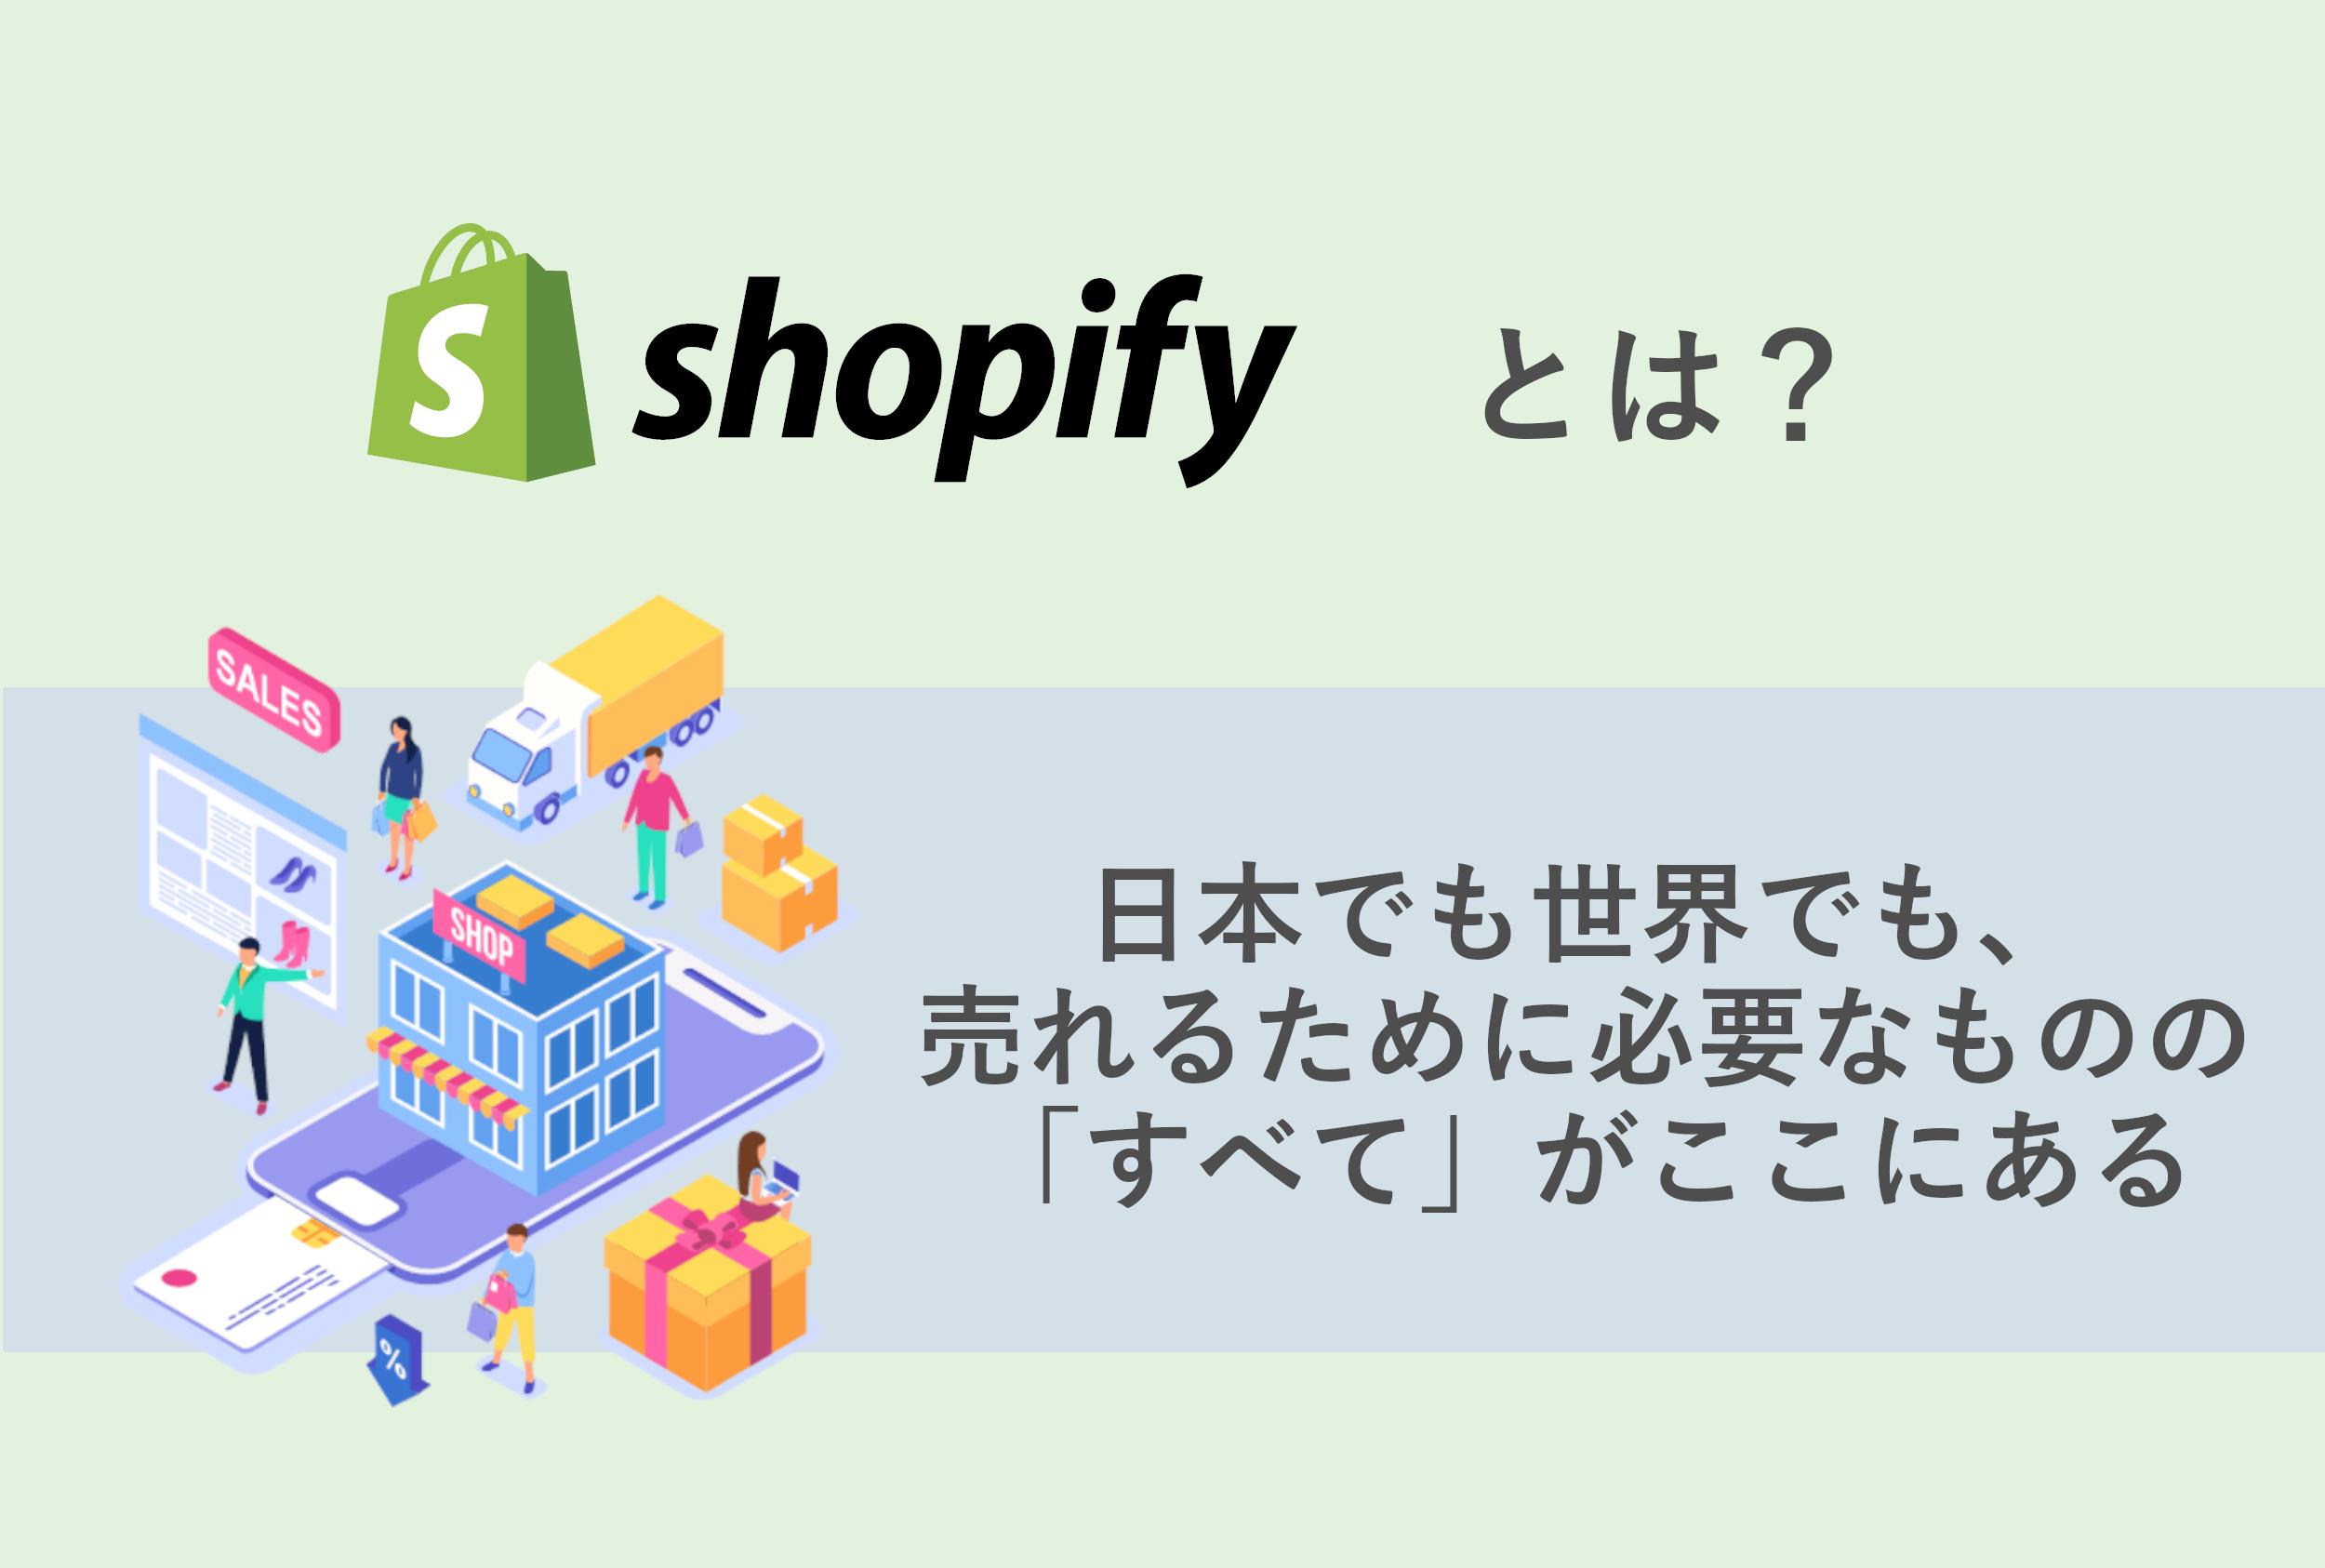 Shopify(ショッピファイ)とは?機能やメリット、評判や使い方までを解説【2020年最新版】